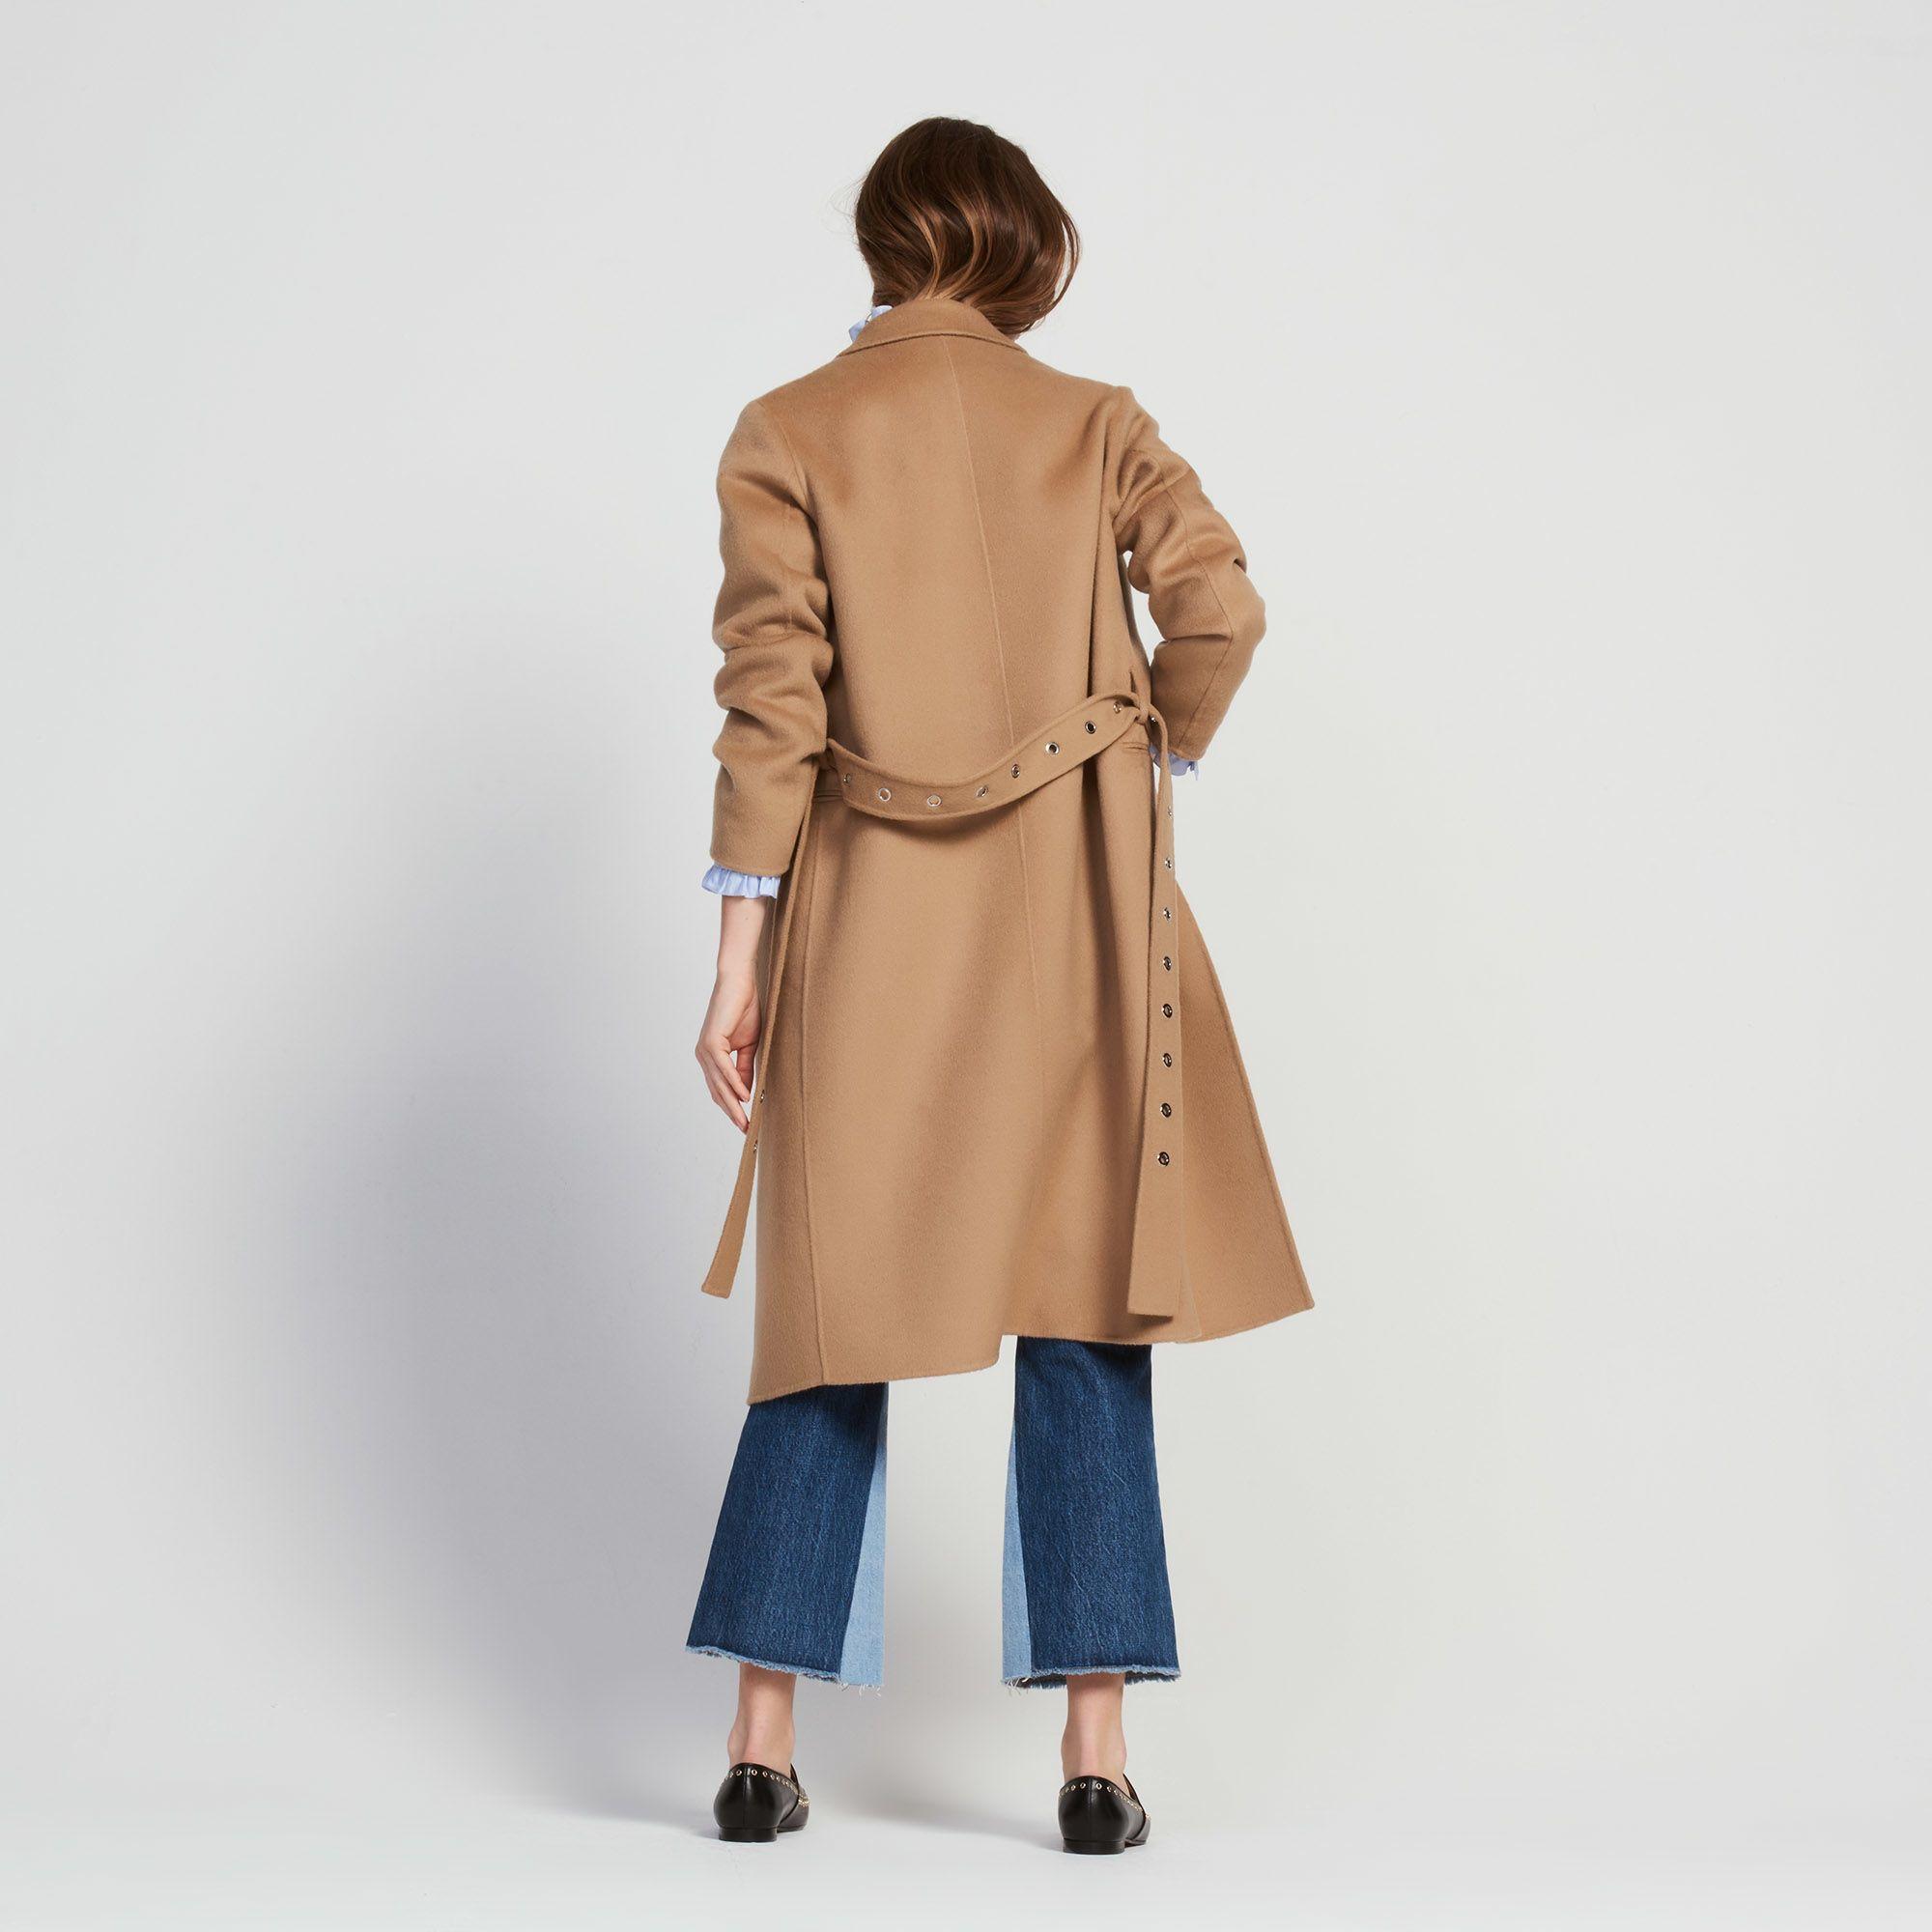 6a5bdd385f73c Long Coat With Eyelet Belts - Coats - Sandro-paris.com   coats ...